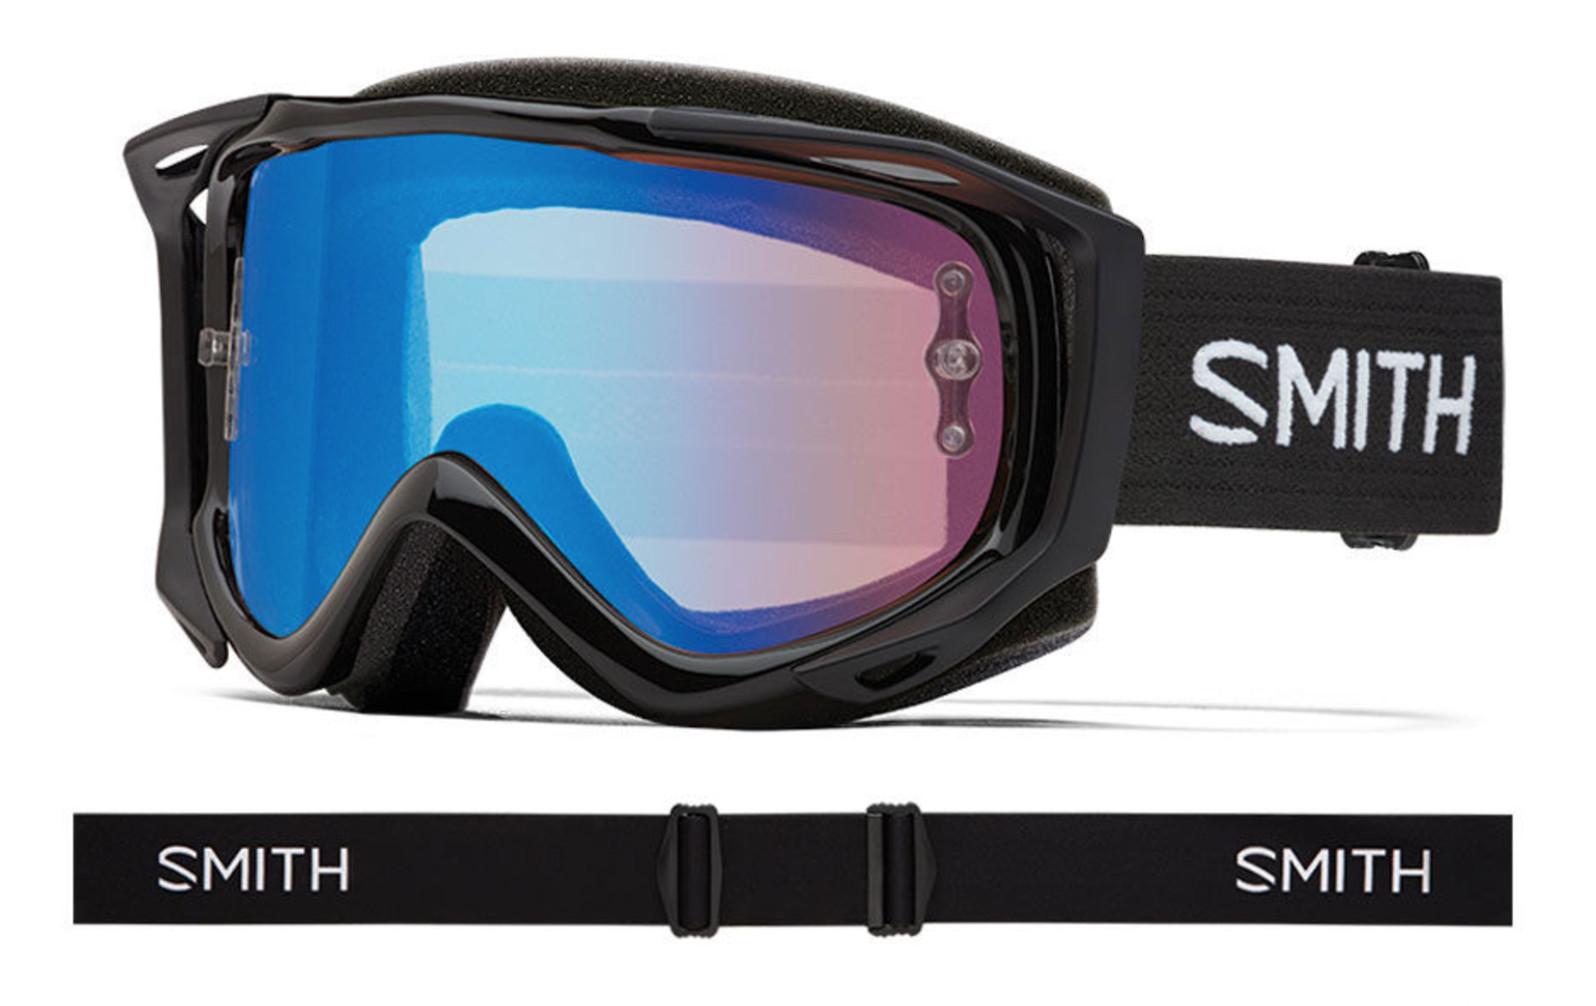 9498f0fe760 Smith Fuel V.2 ChromaPop Goggles - Reviews